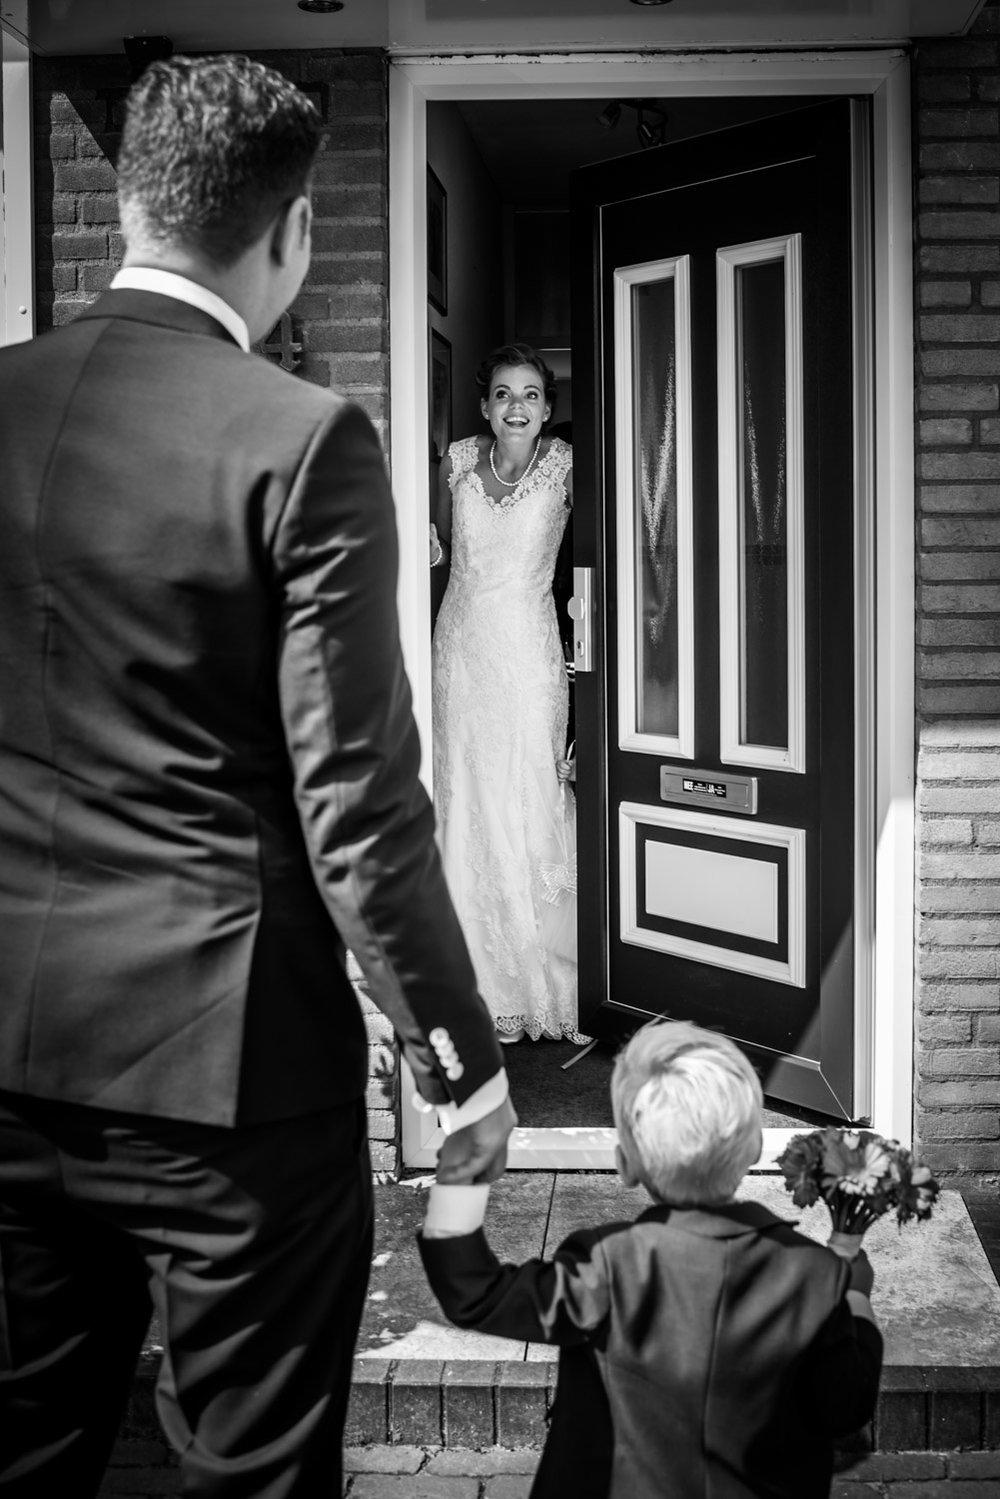 ontmoeting bruid en bruidegom, trouwfotograaf Cfoto, bruidsreportage